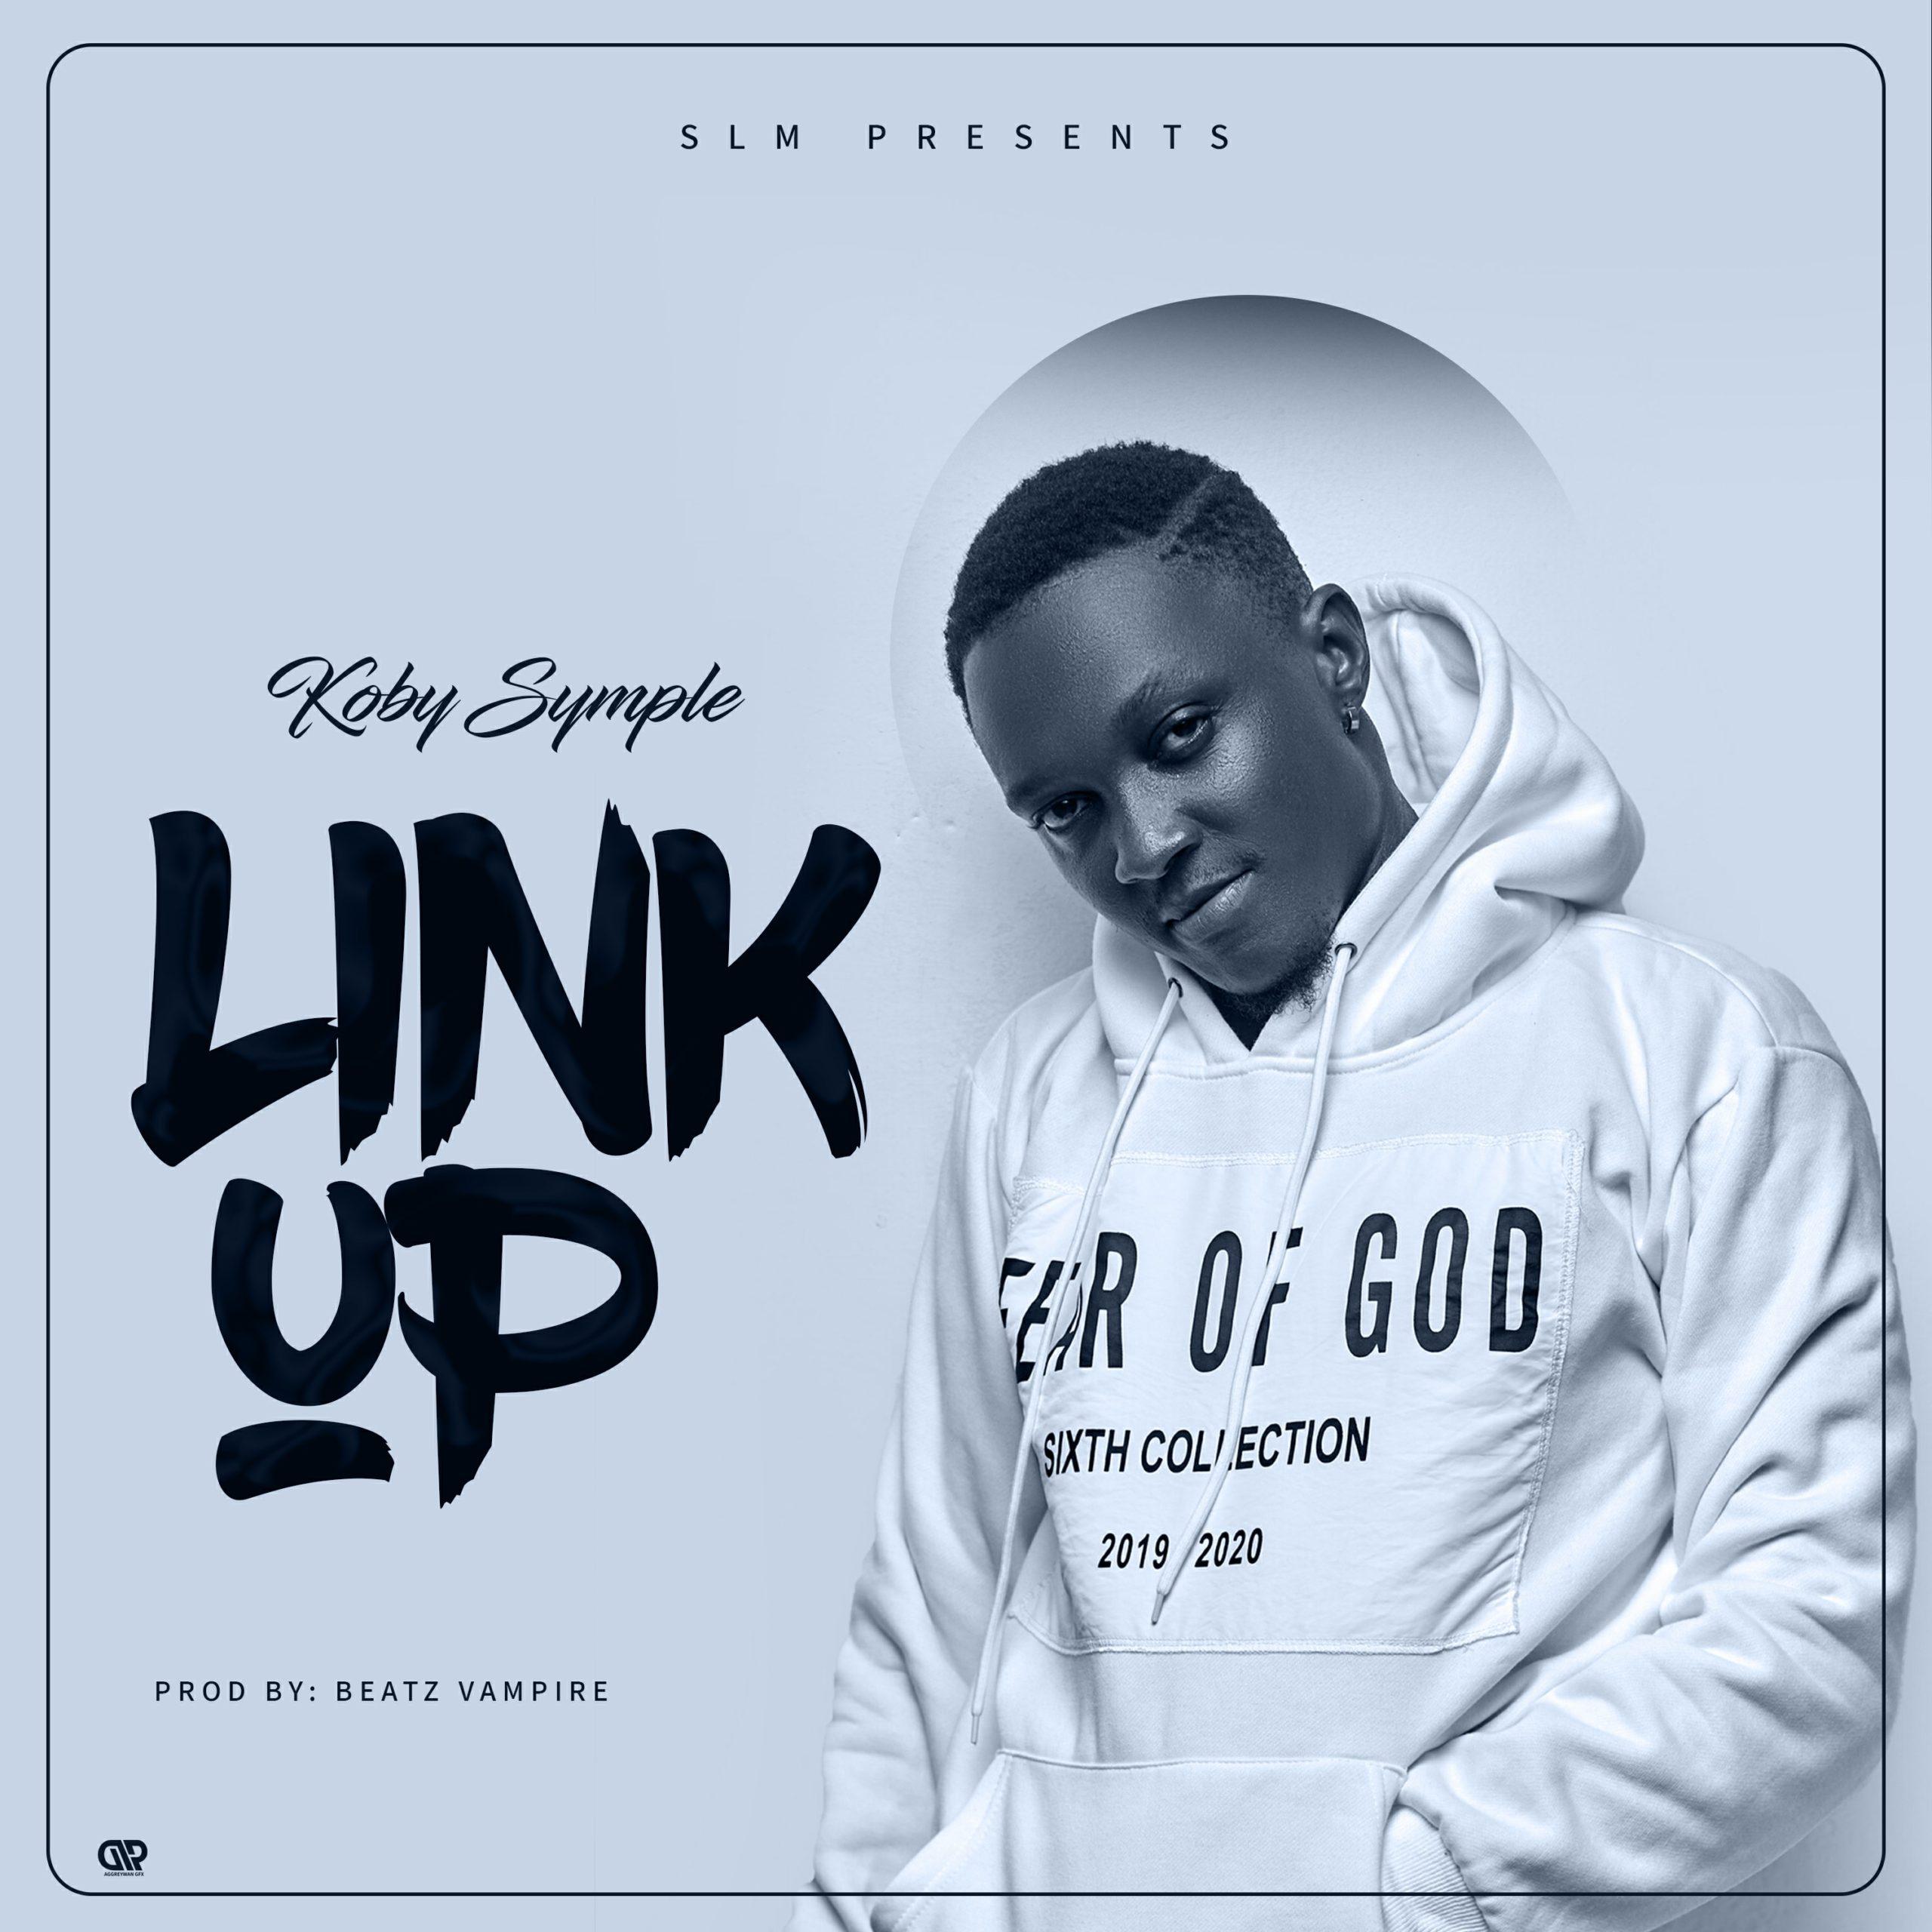 Koby Symple – Link Up (Prod. By Beatz Vampire)